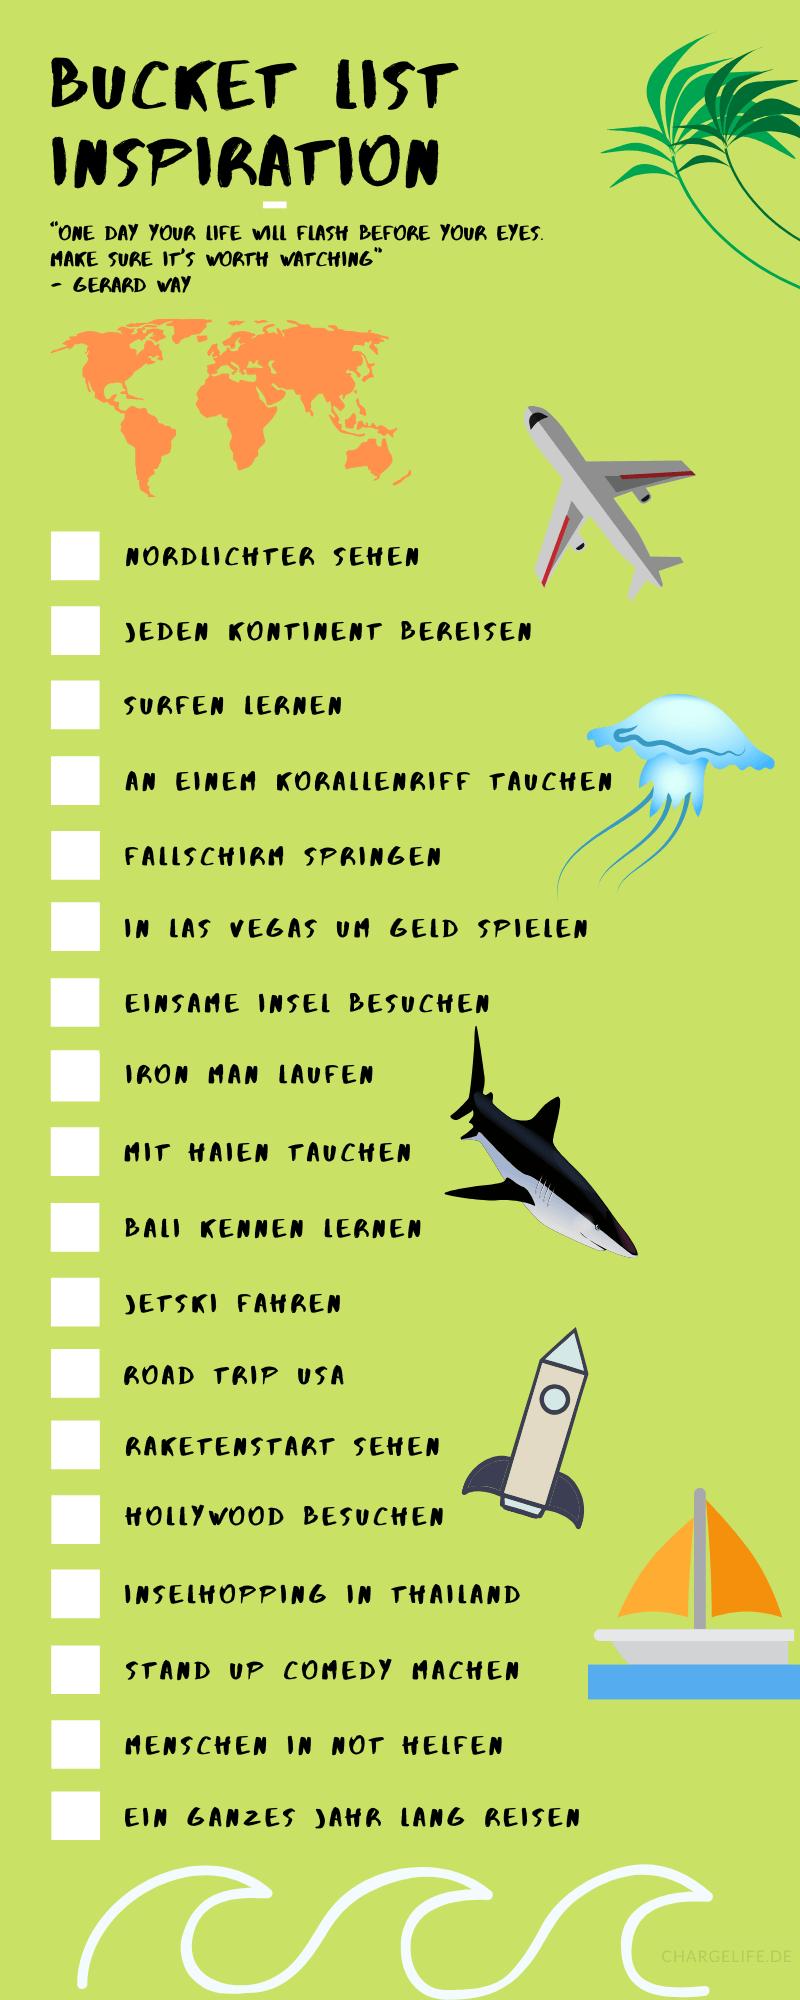 Bucket List Beispiel als Infografik. Nimm diese Bucket List als Inspiration für deine Träume.